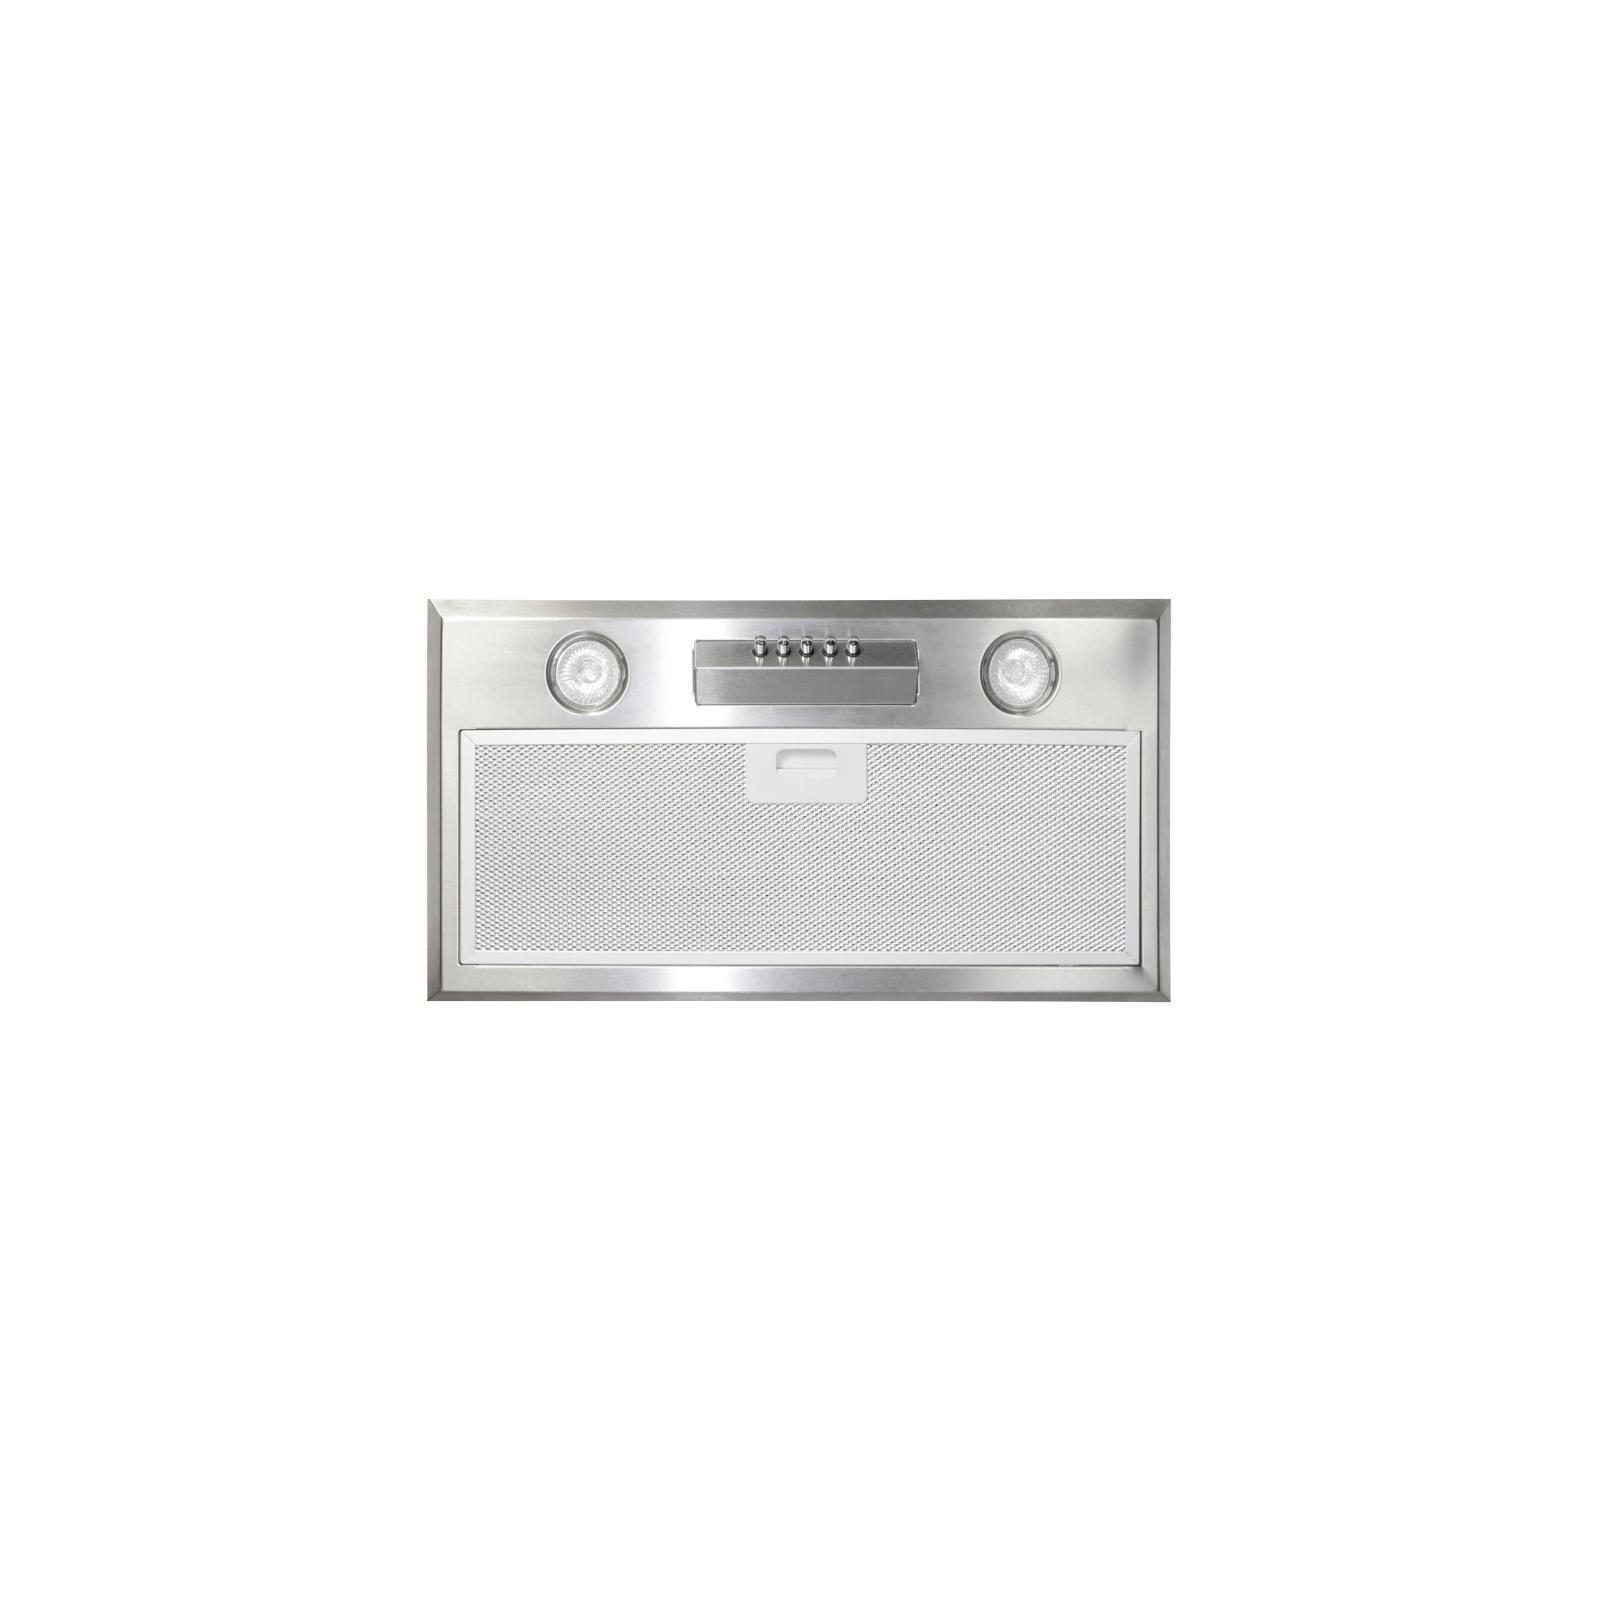 Вытяжка кухонная Eleyus Modul 700 52 IS изображение 4